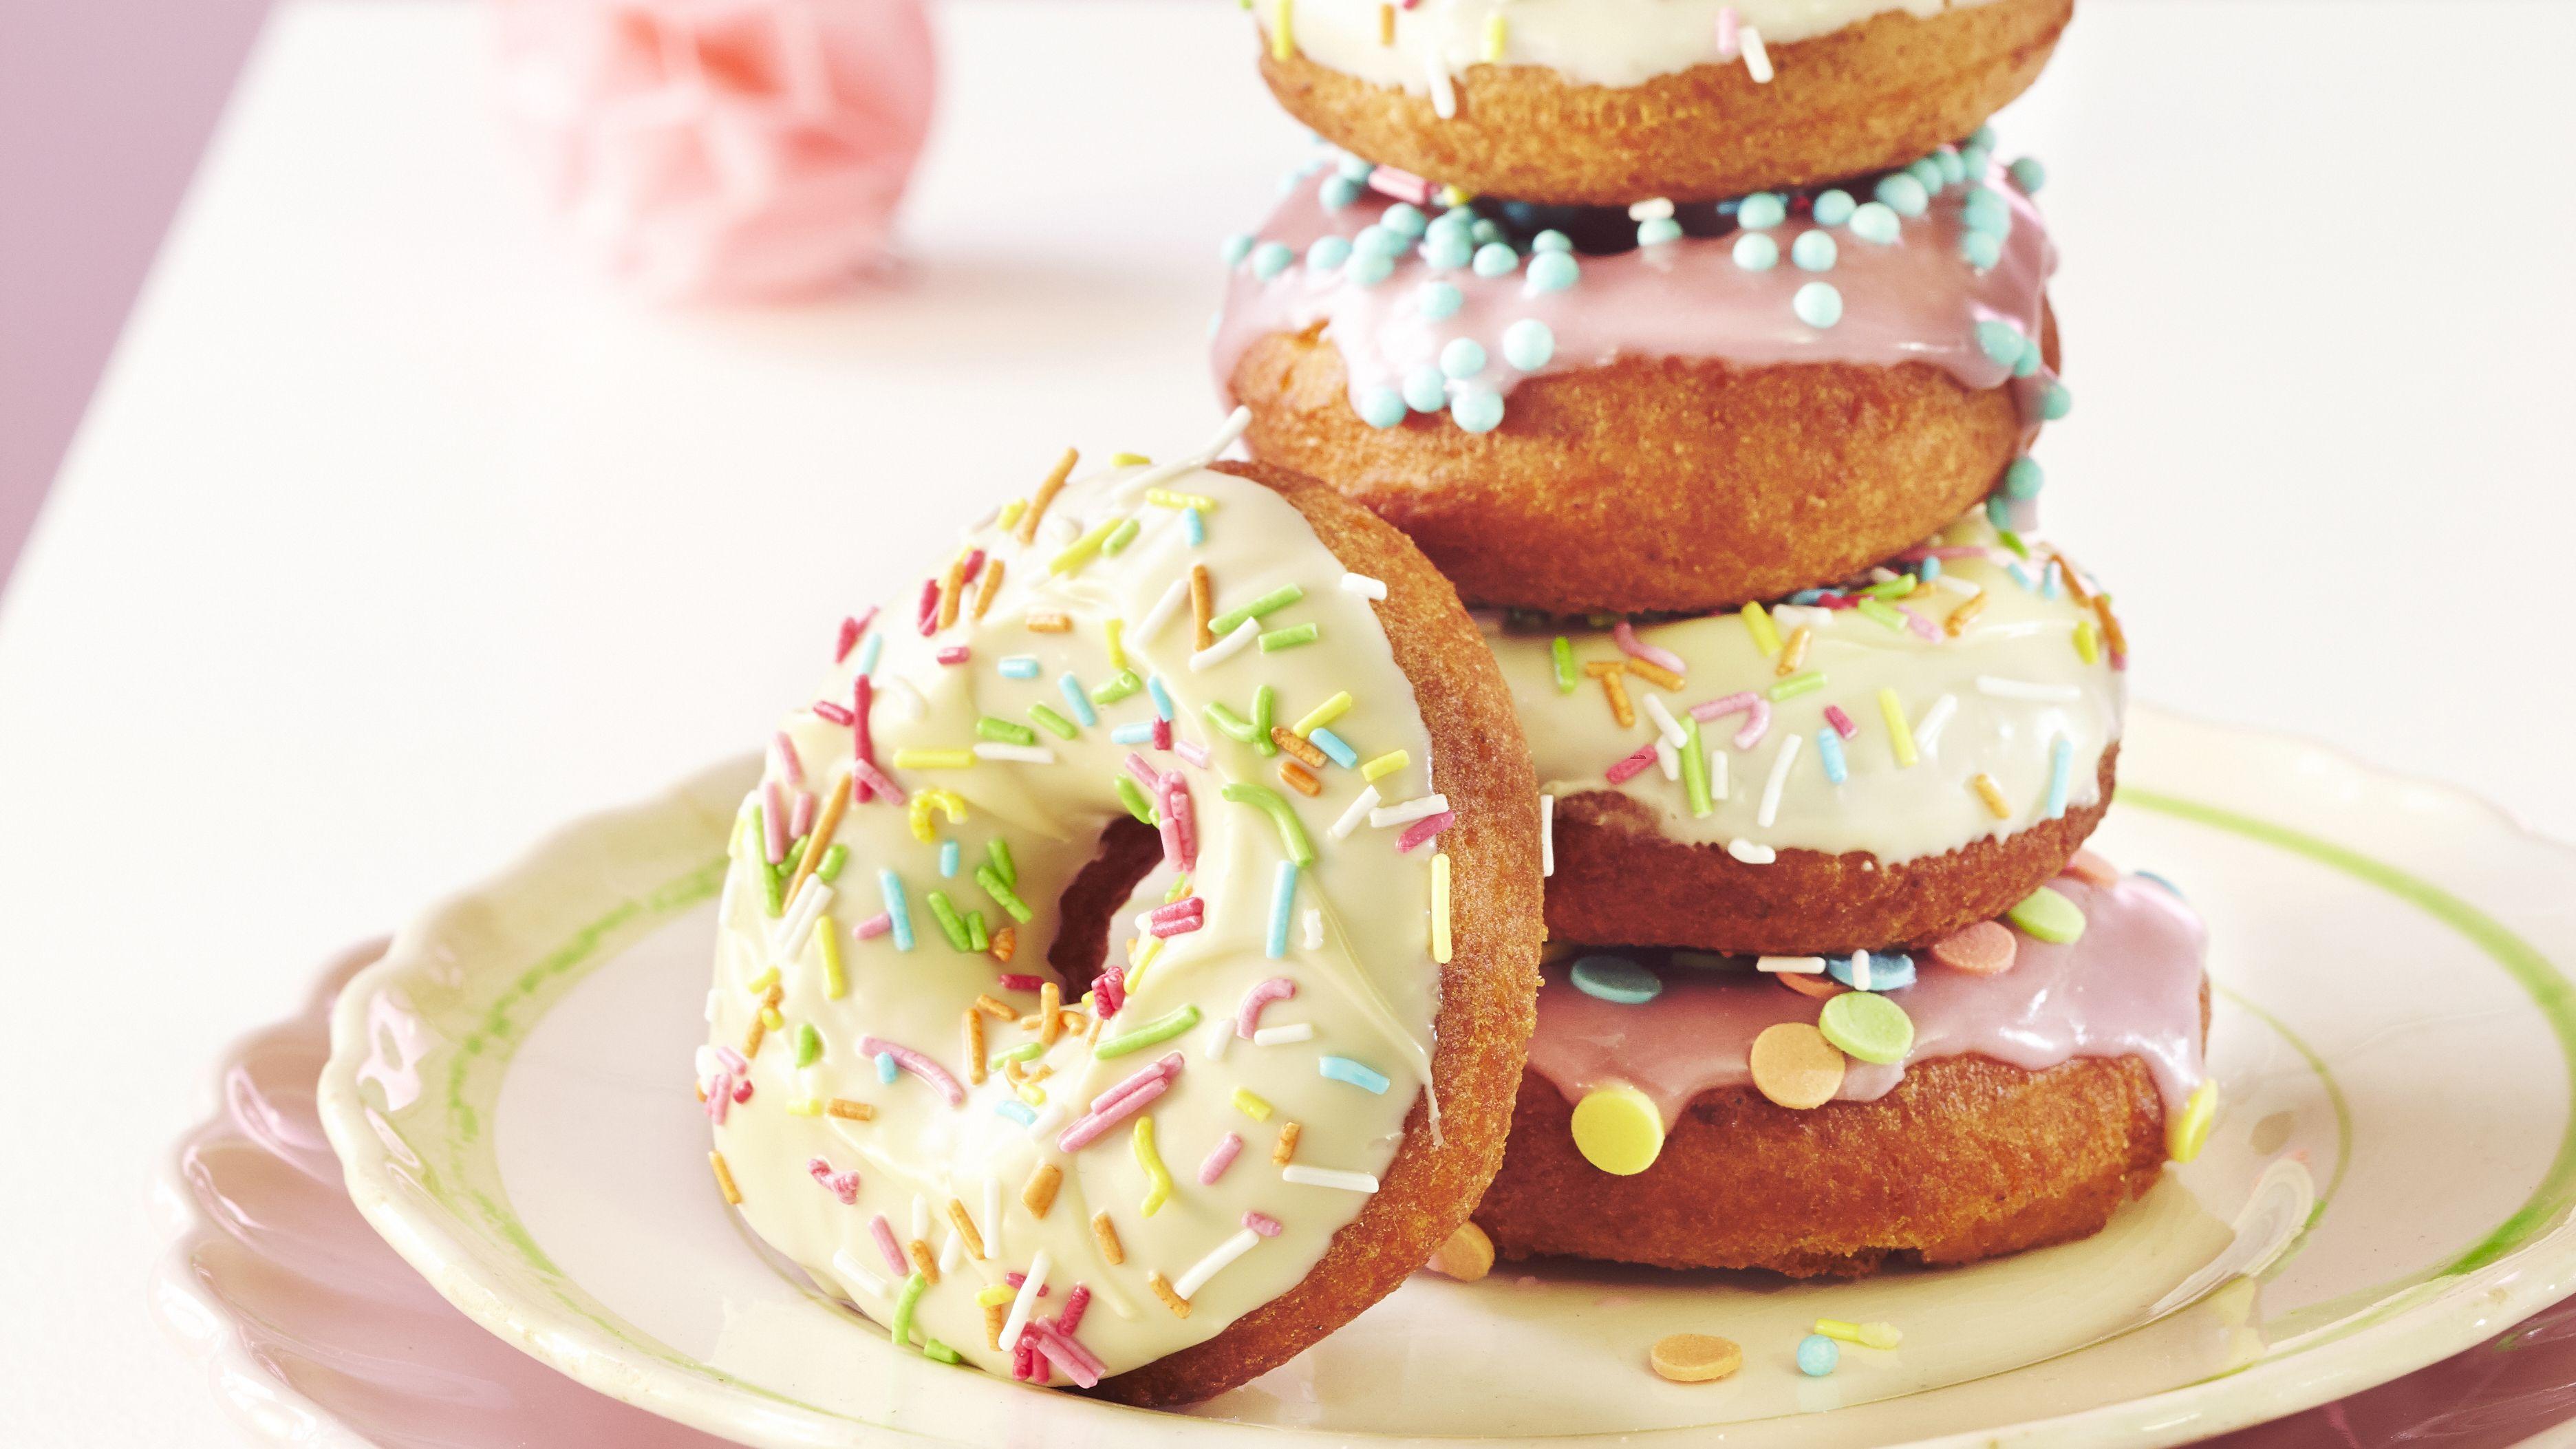 Donitsit kohotetaan leivinjauheella, joten ne on hieman nopeampi valmistaa kuin hiivataikinaan leivotut munkkirinkelit.